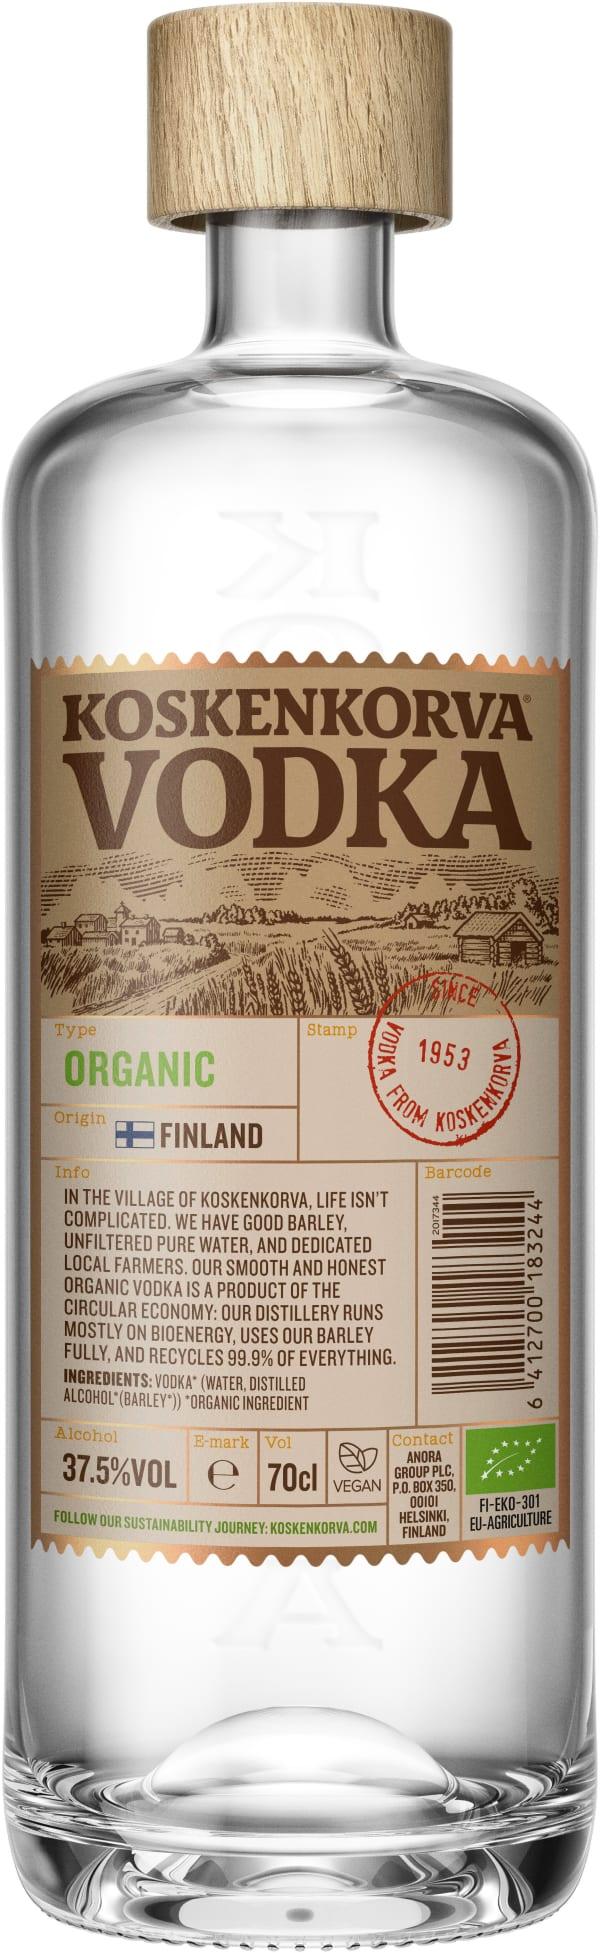 Koskenkorva Vodka Organic